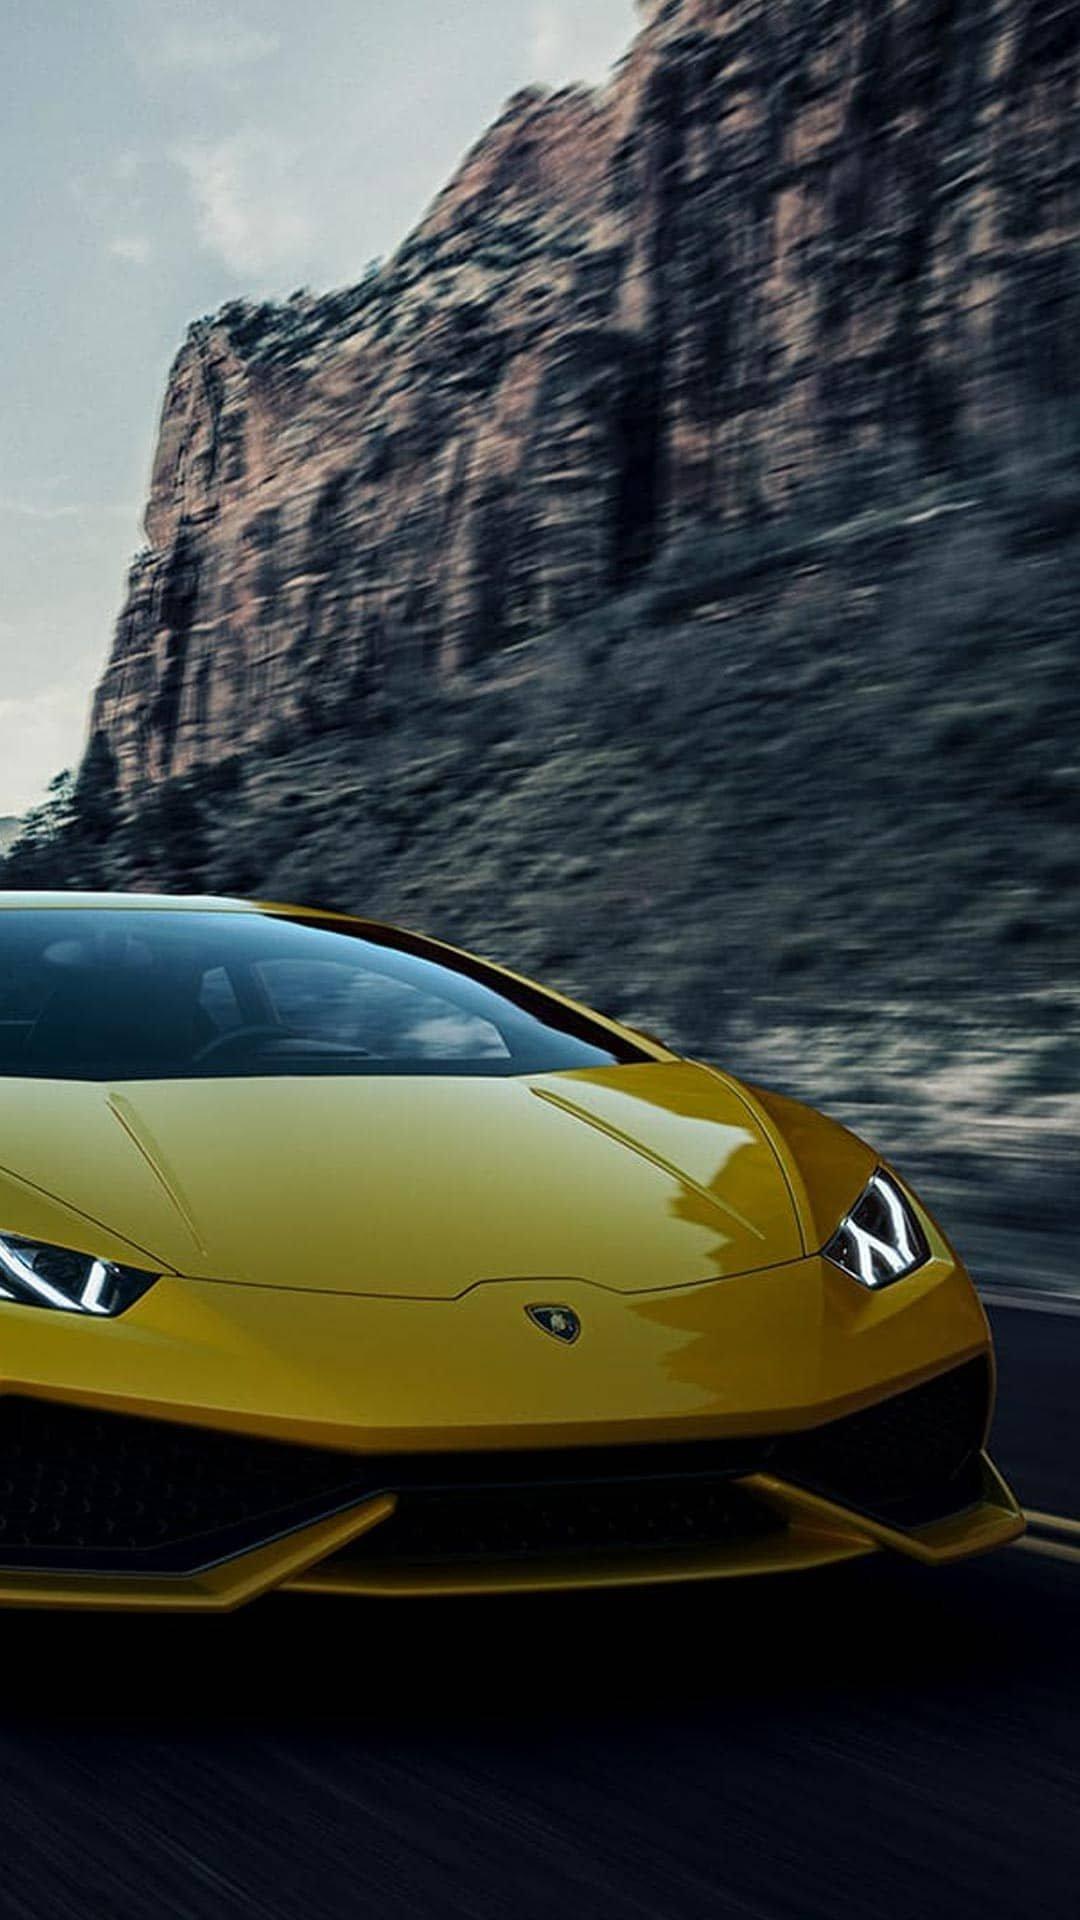 Lamborghini Cell Samsung Galaxy wallpaper